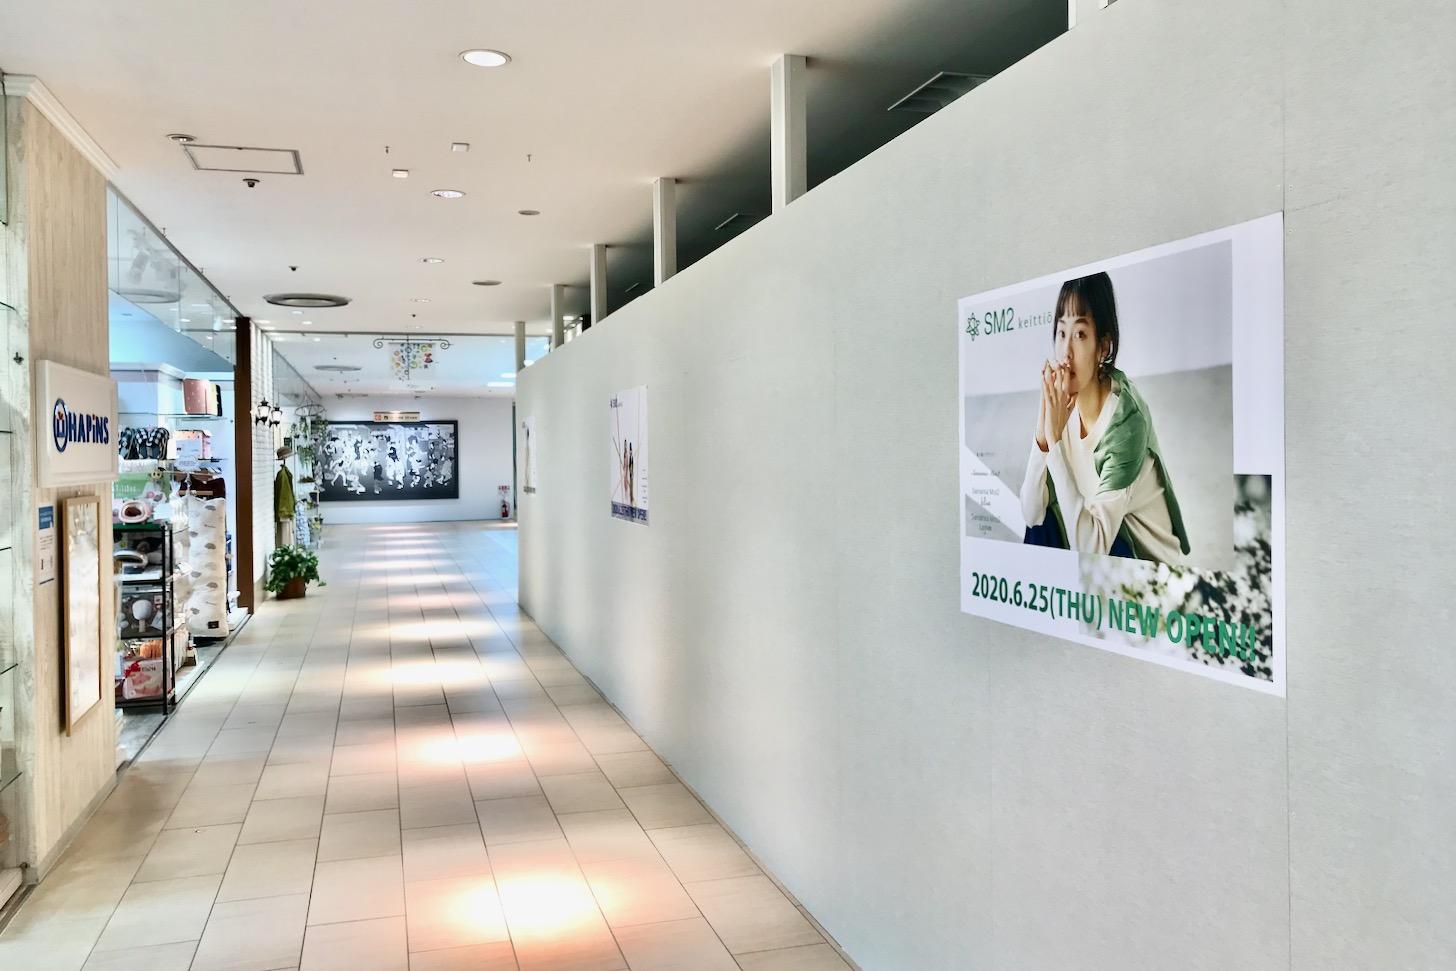 ココリア多摩センター2階にレディスファッションの「SM2 keittio(サマンサモスモス ケイッティオ)」さんが、2020年6月25日(木)にオープンを予定